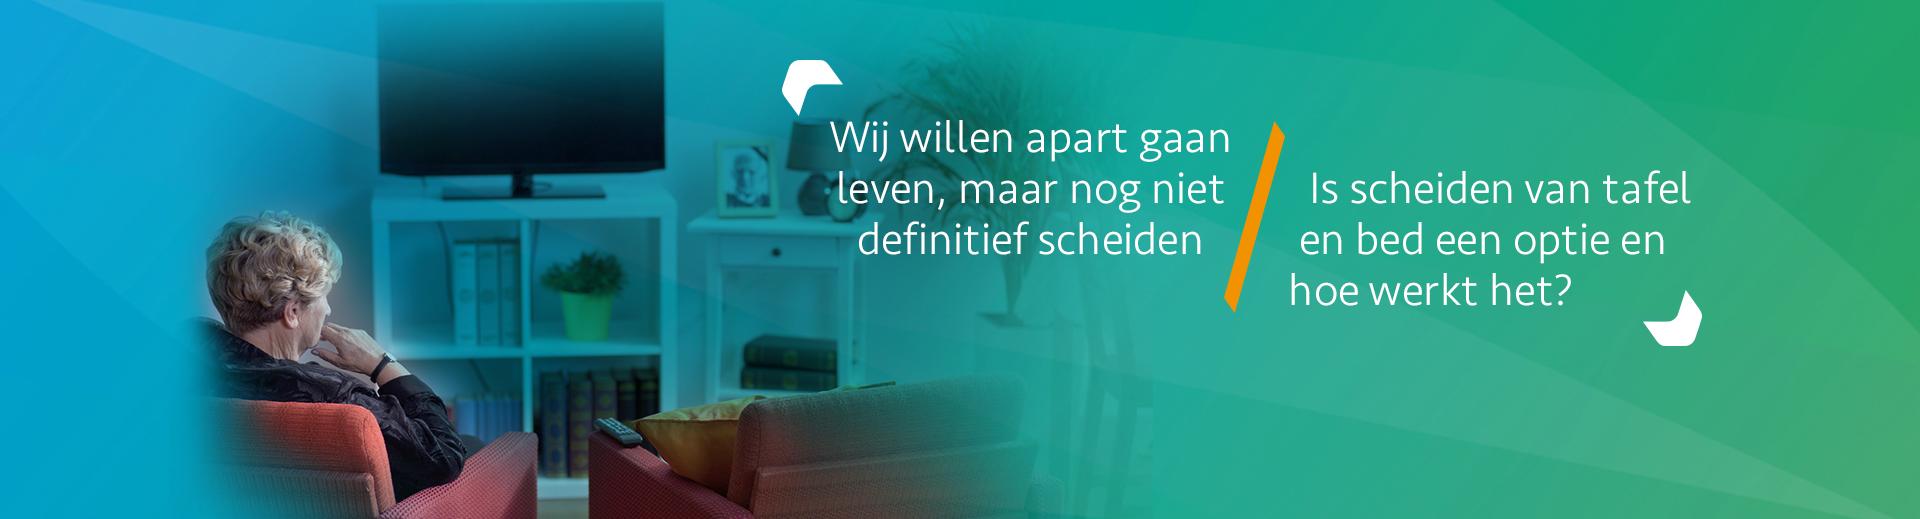 Wat is een scheiding van tafel en bed - Scheidingsplanner Den Haag & Rijswijk